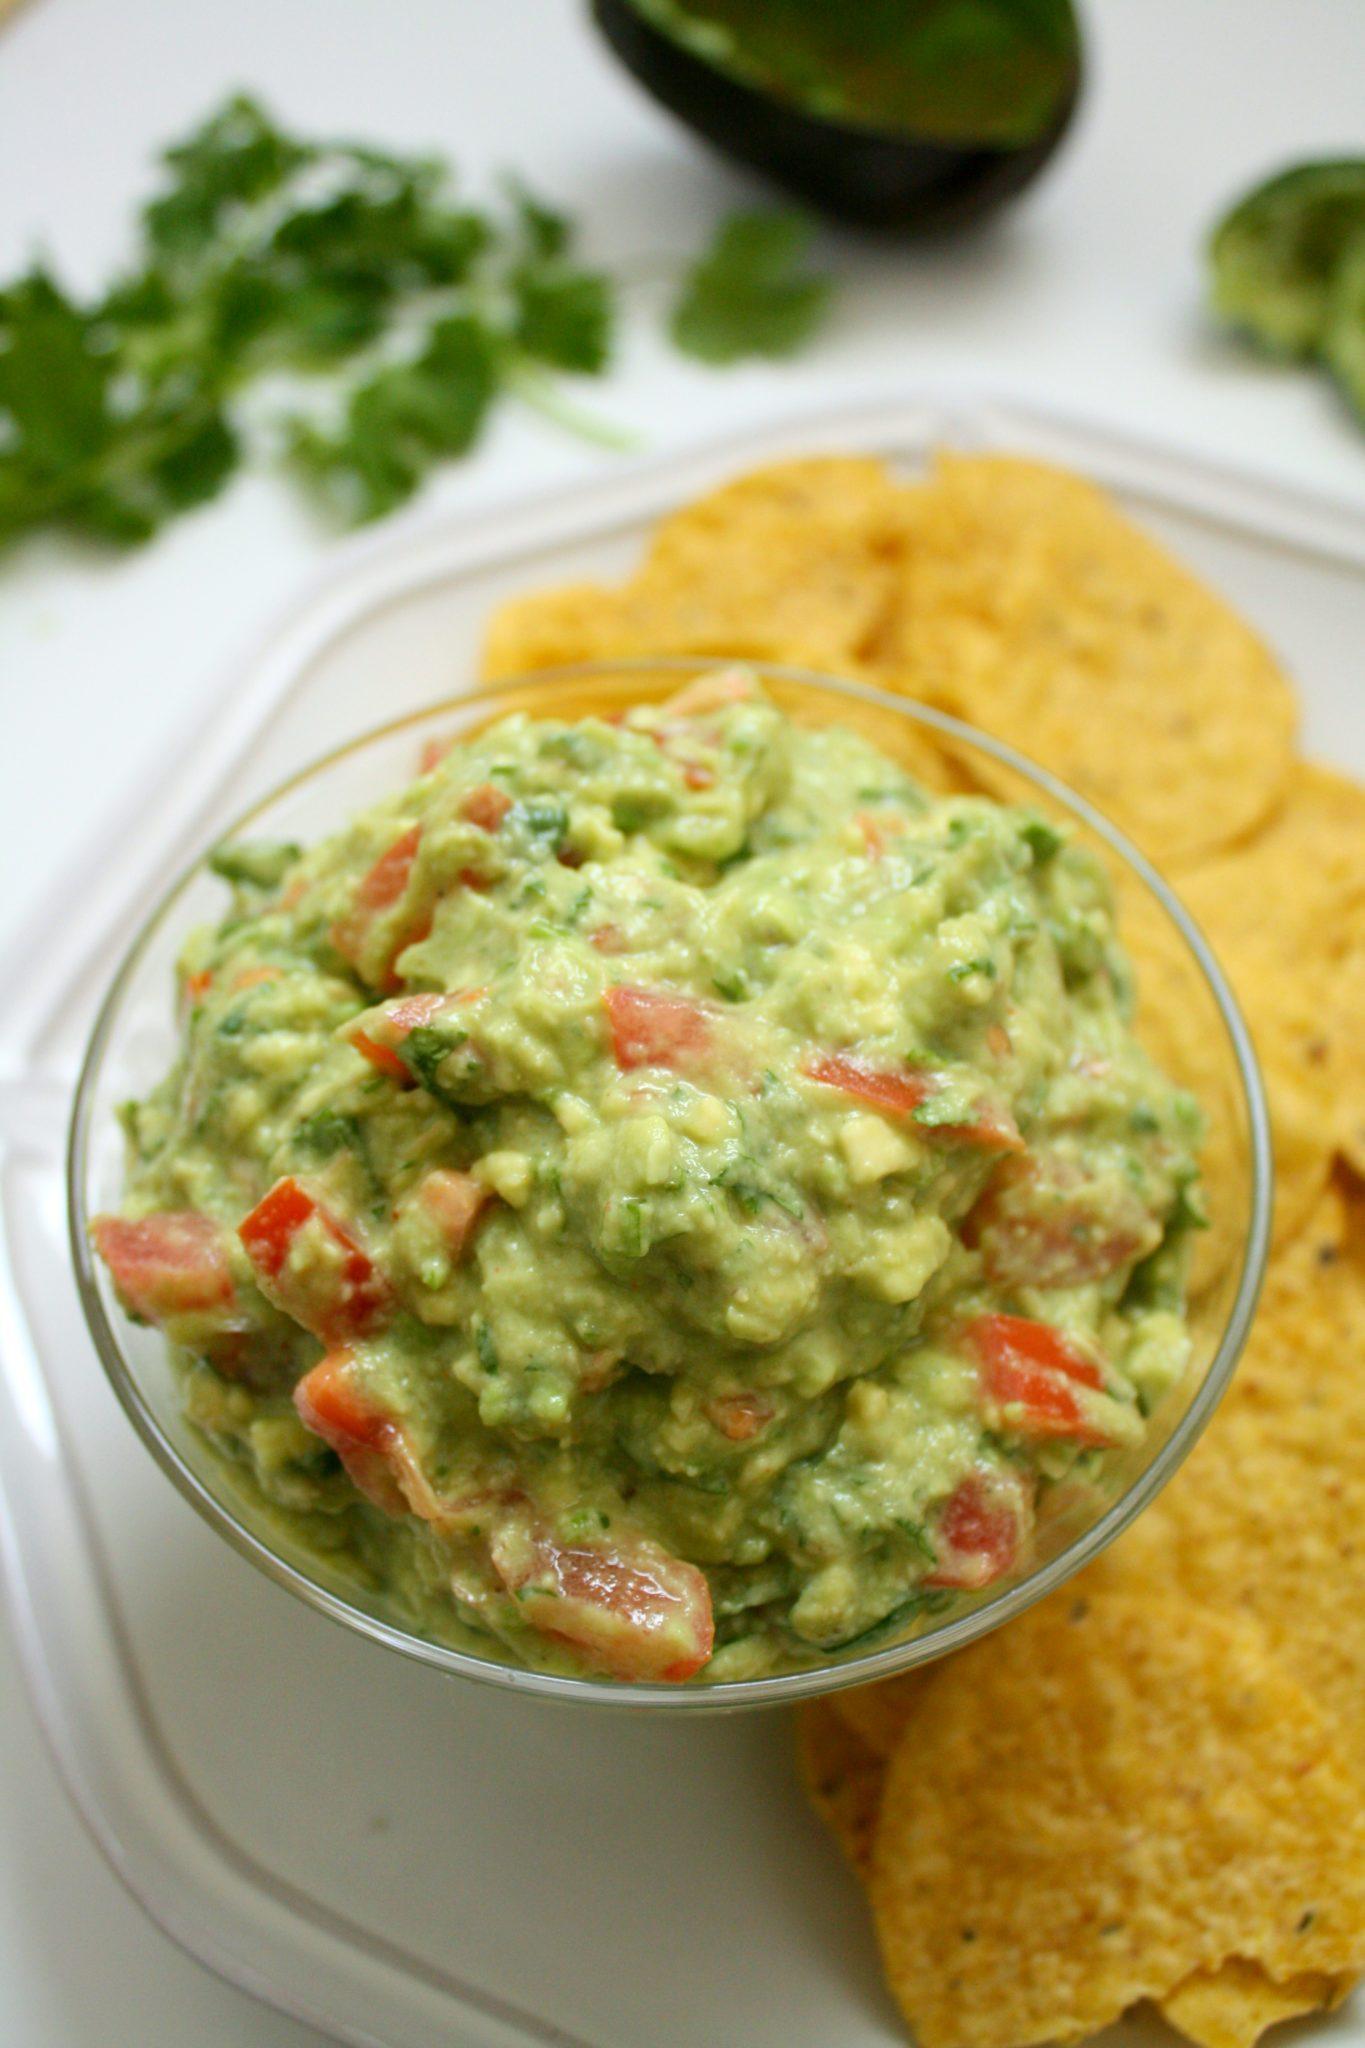 Essa receita de Guacamole Mexicano sempre fica deliciosa e é super fácil e rápida de fazer!